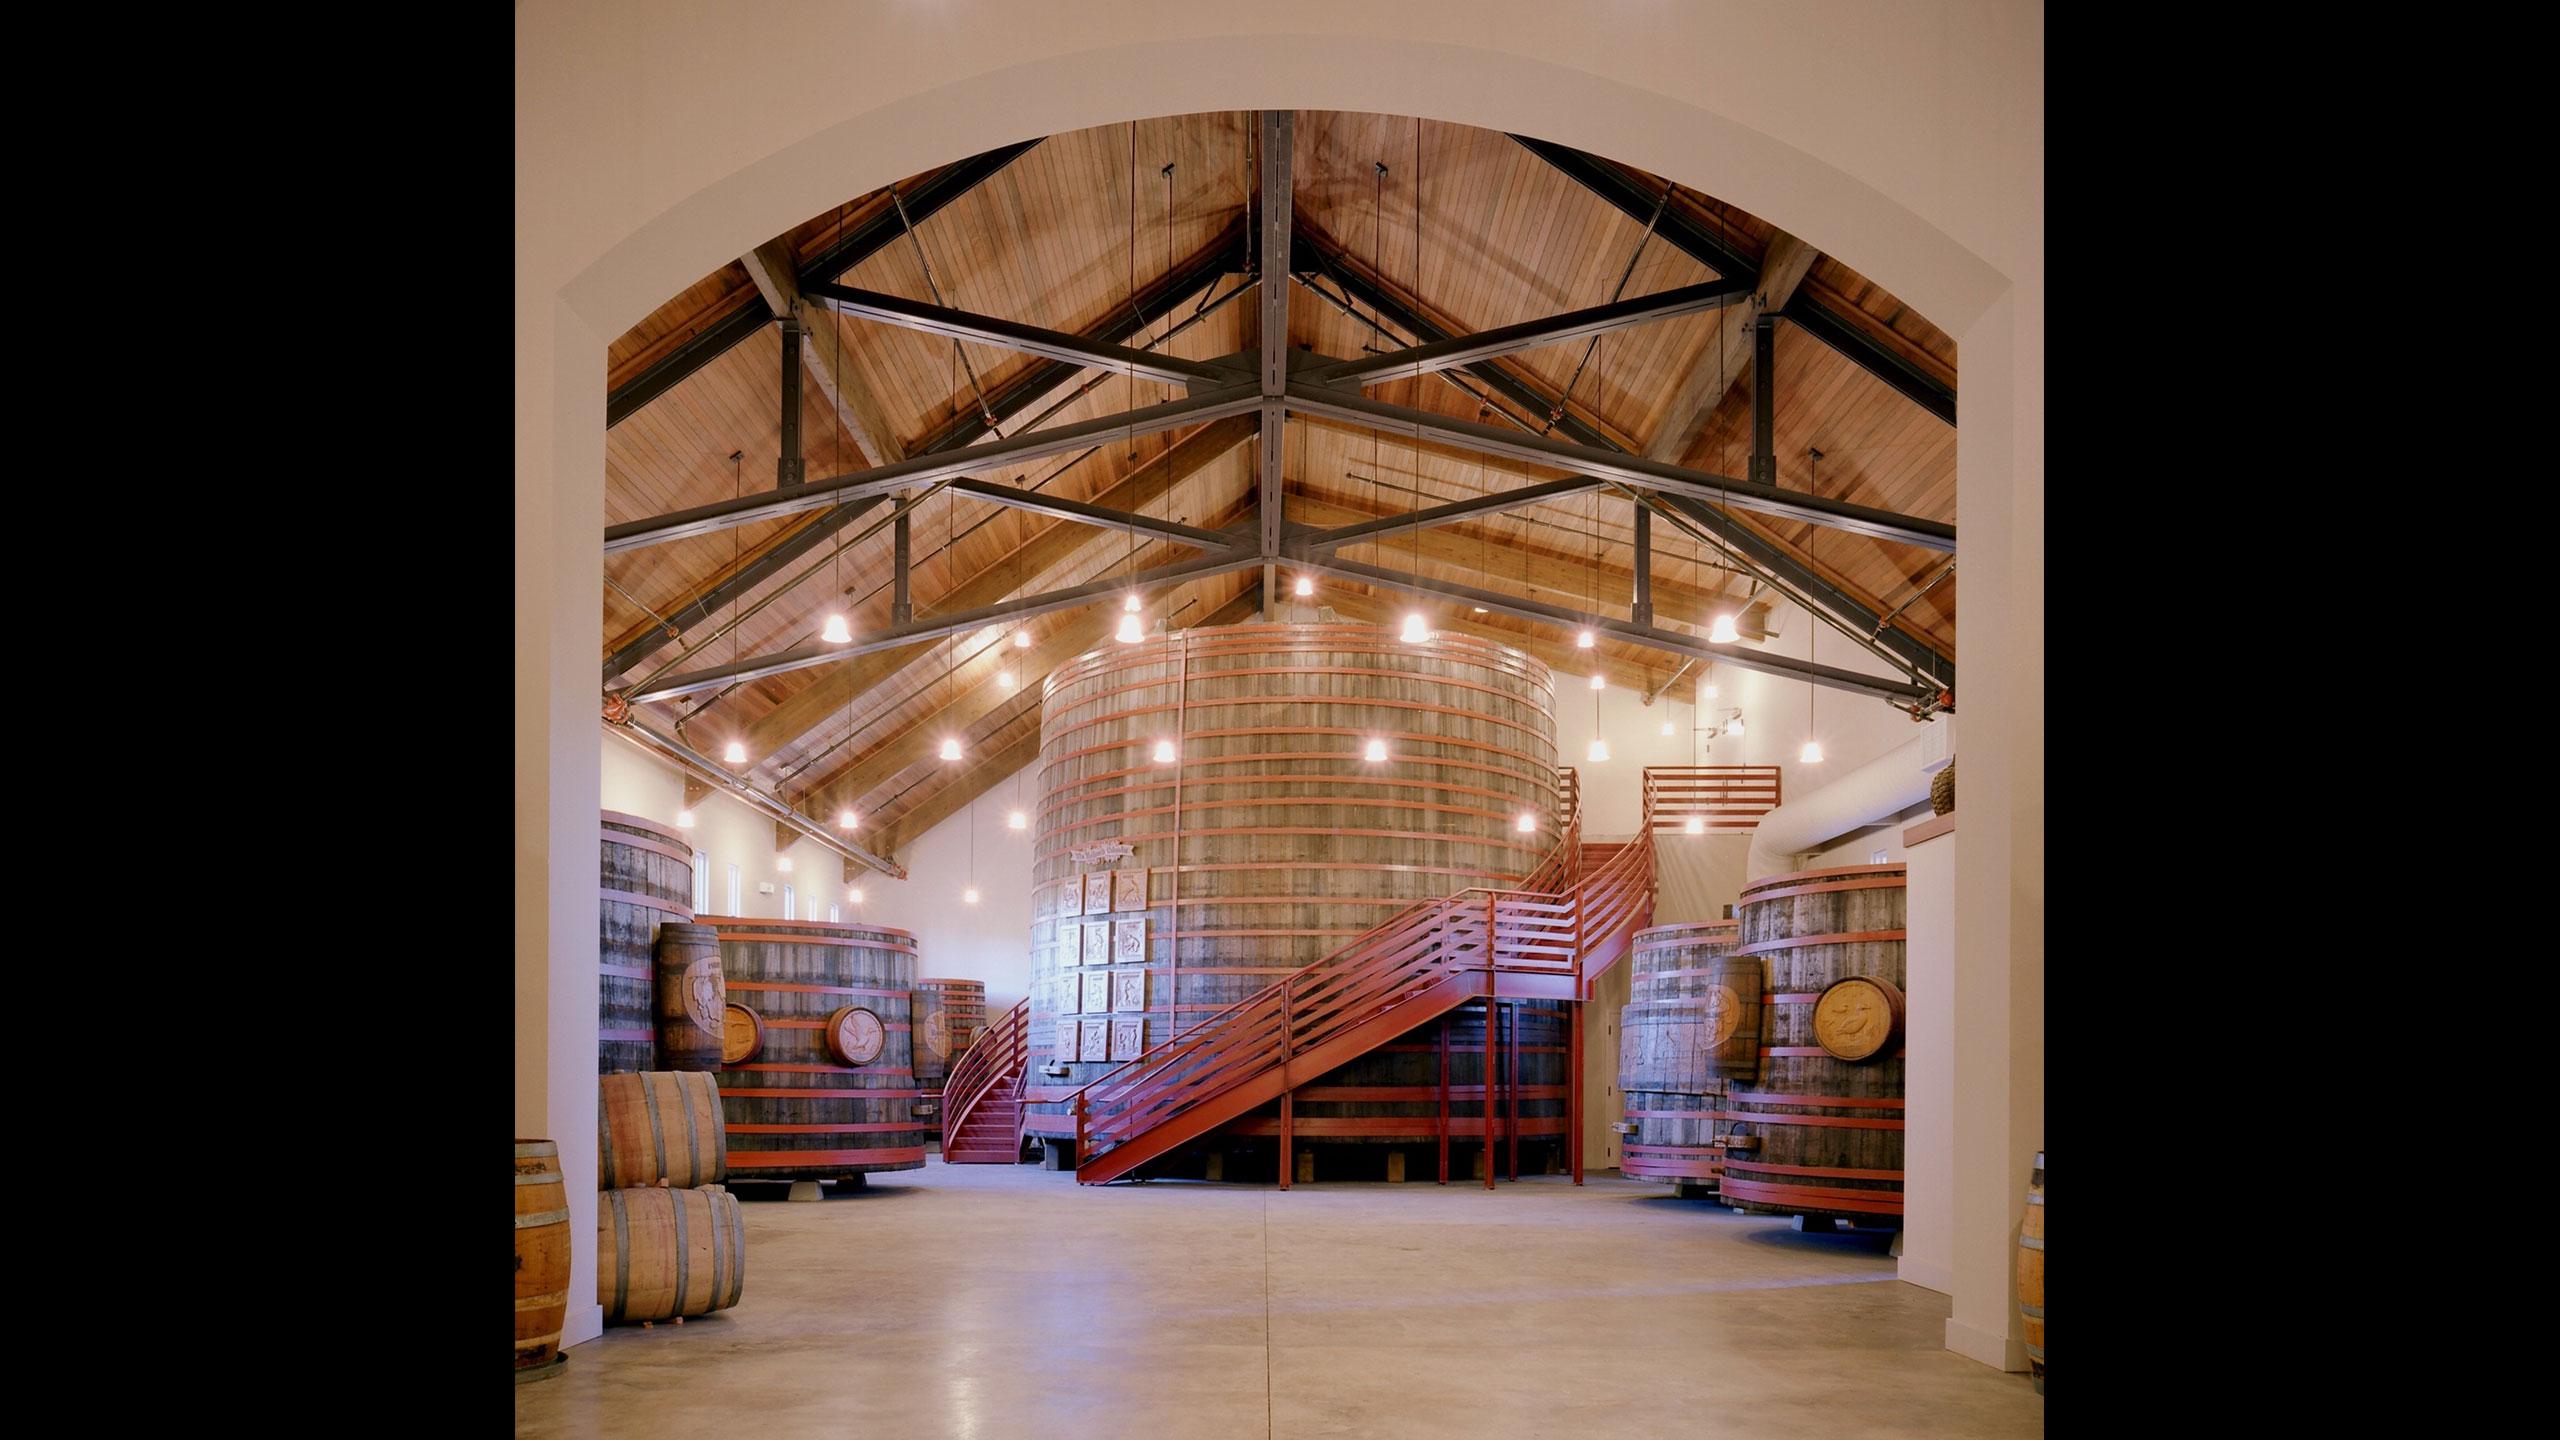 Winery-Architecture-Sonoma-Sebastiani-wine-barrel